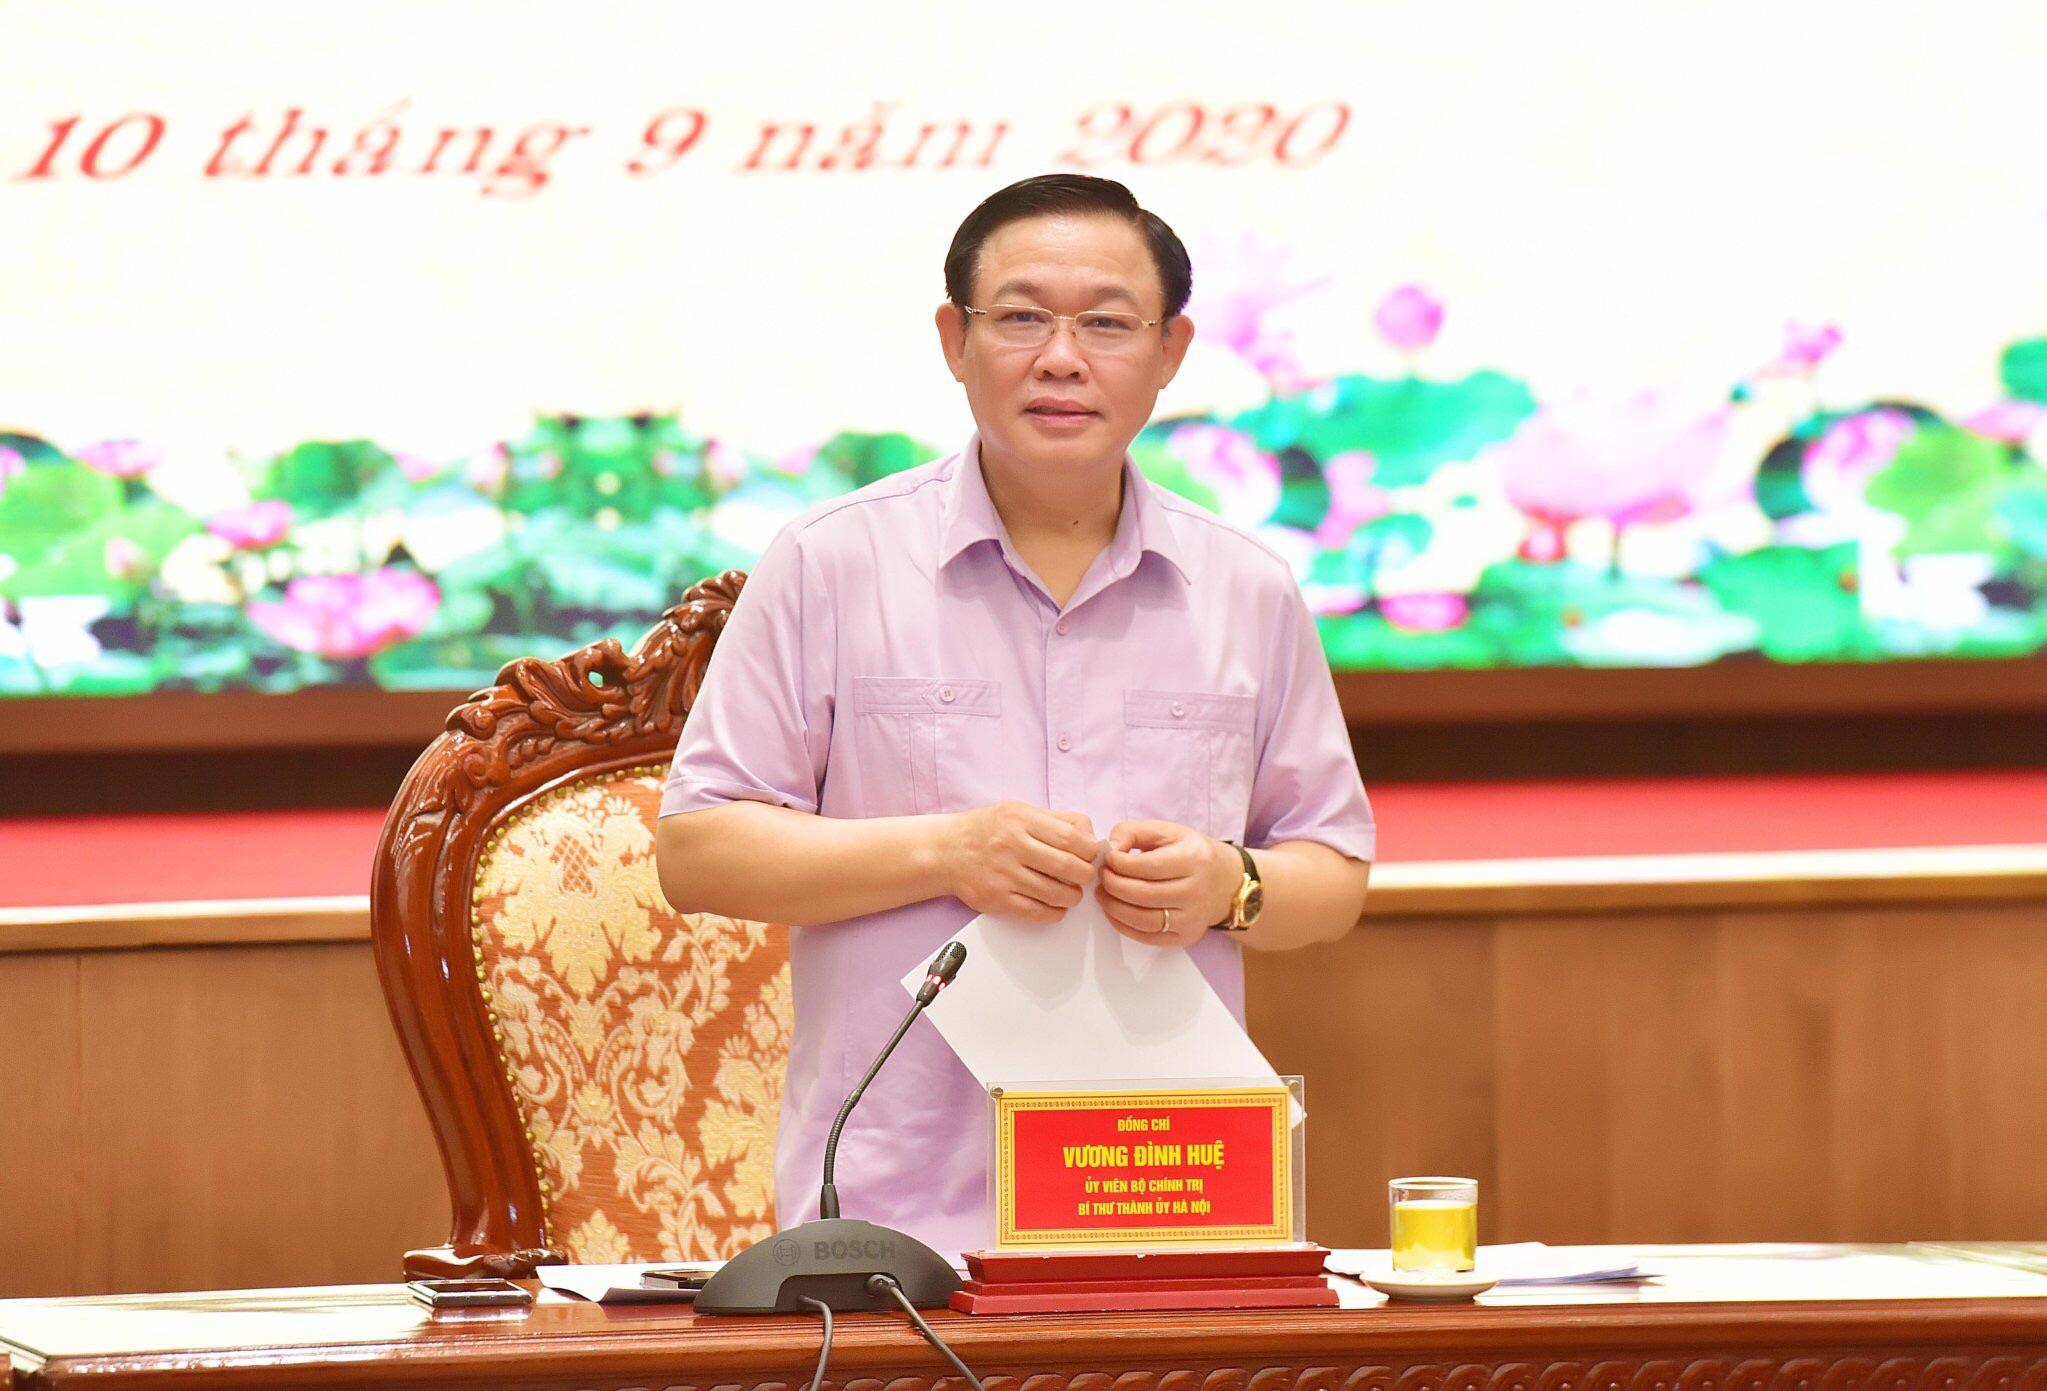 Hà Nội lập 5 tổ công tác tháo gỡ khó khăn, thúc đẩy phát triển kinh tế